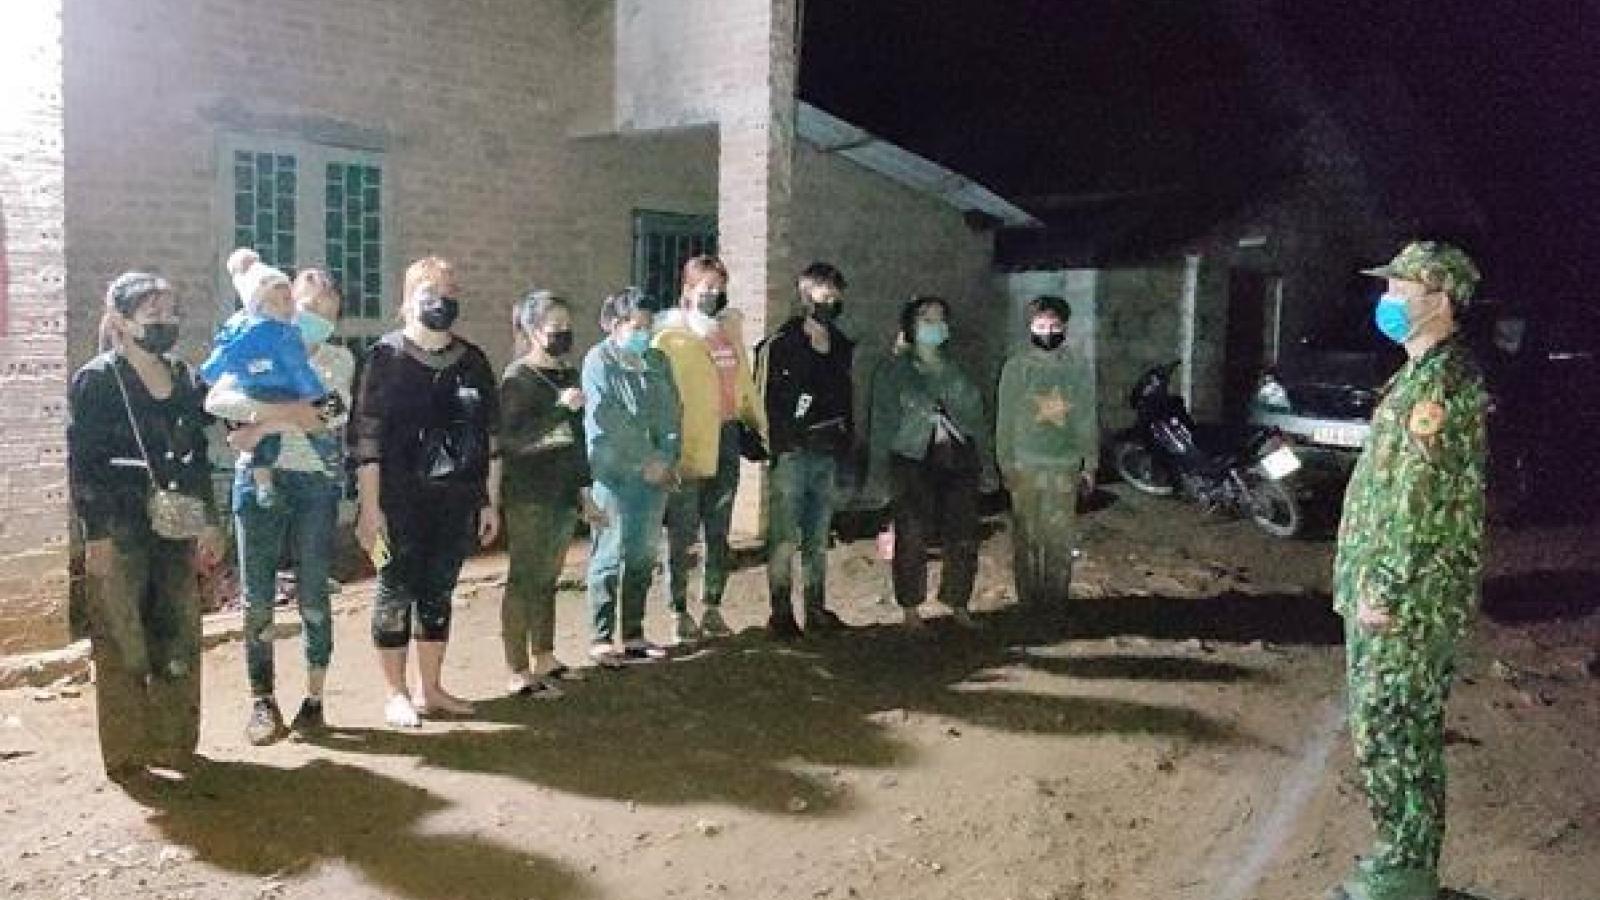 Phát hiện và ngăn chặn 10 công dân nhập cảnh trái phép trong đêm